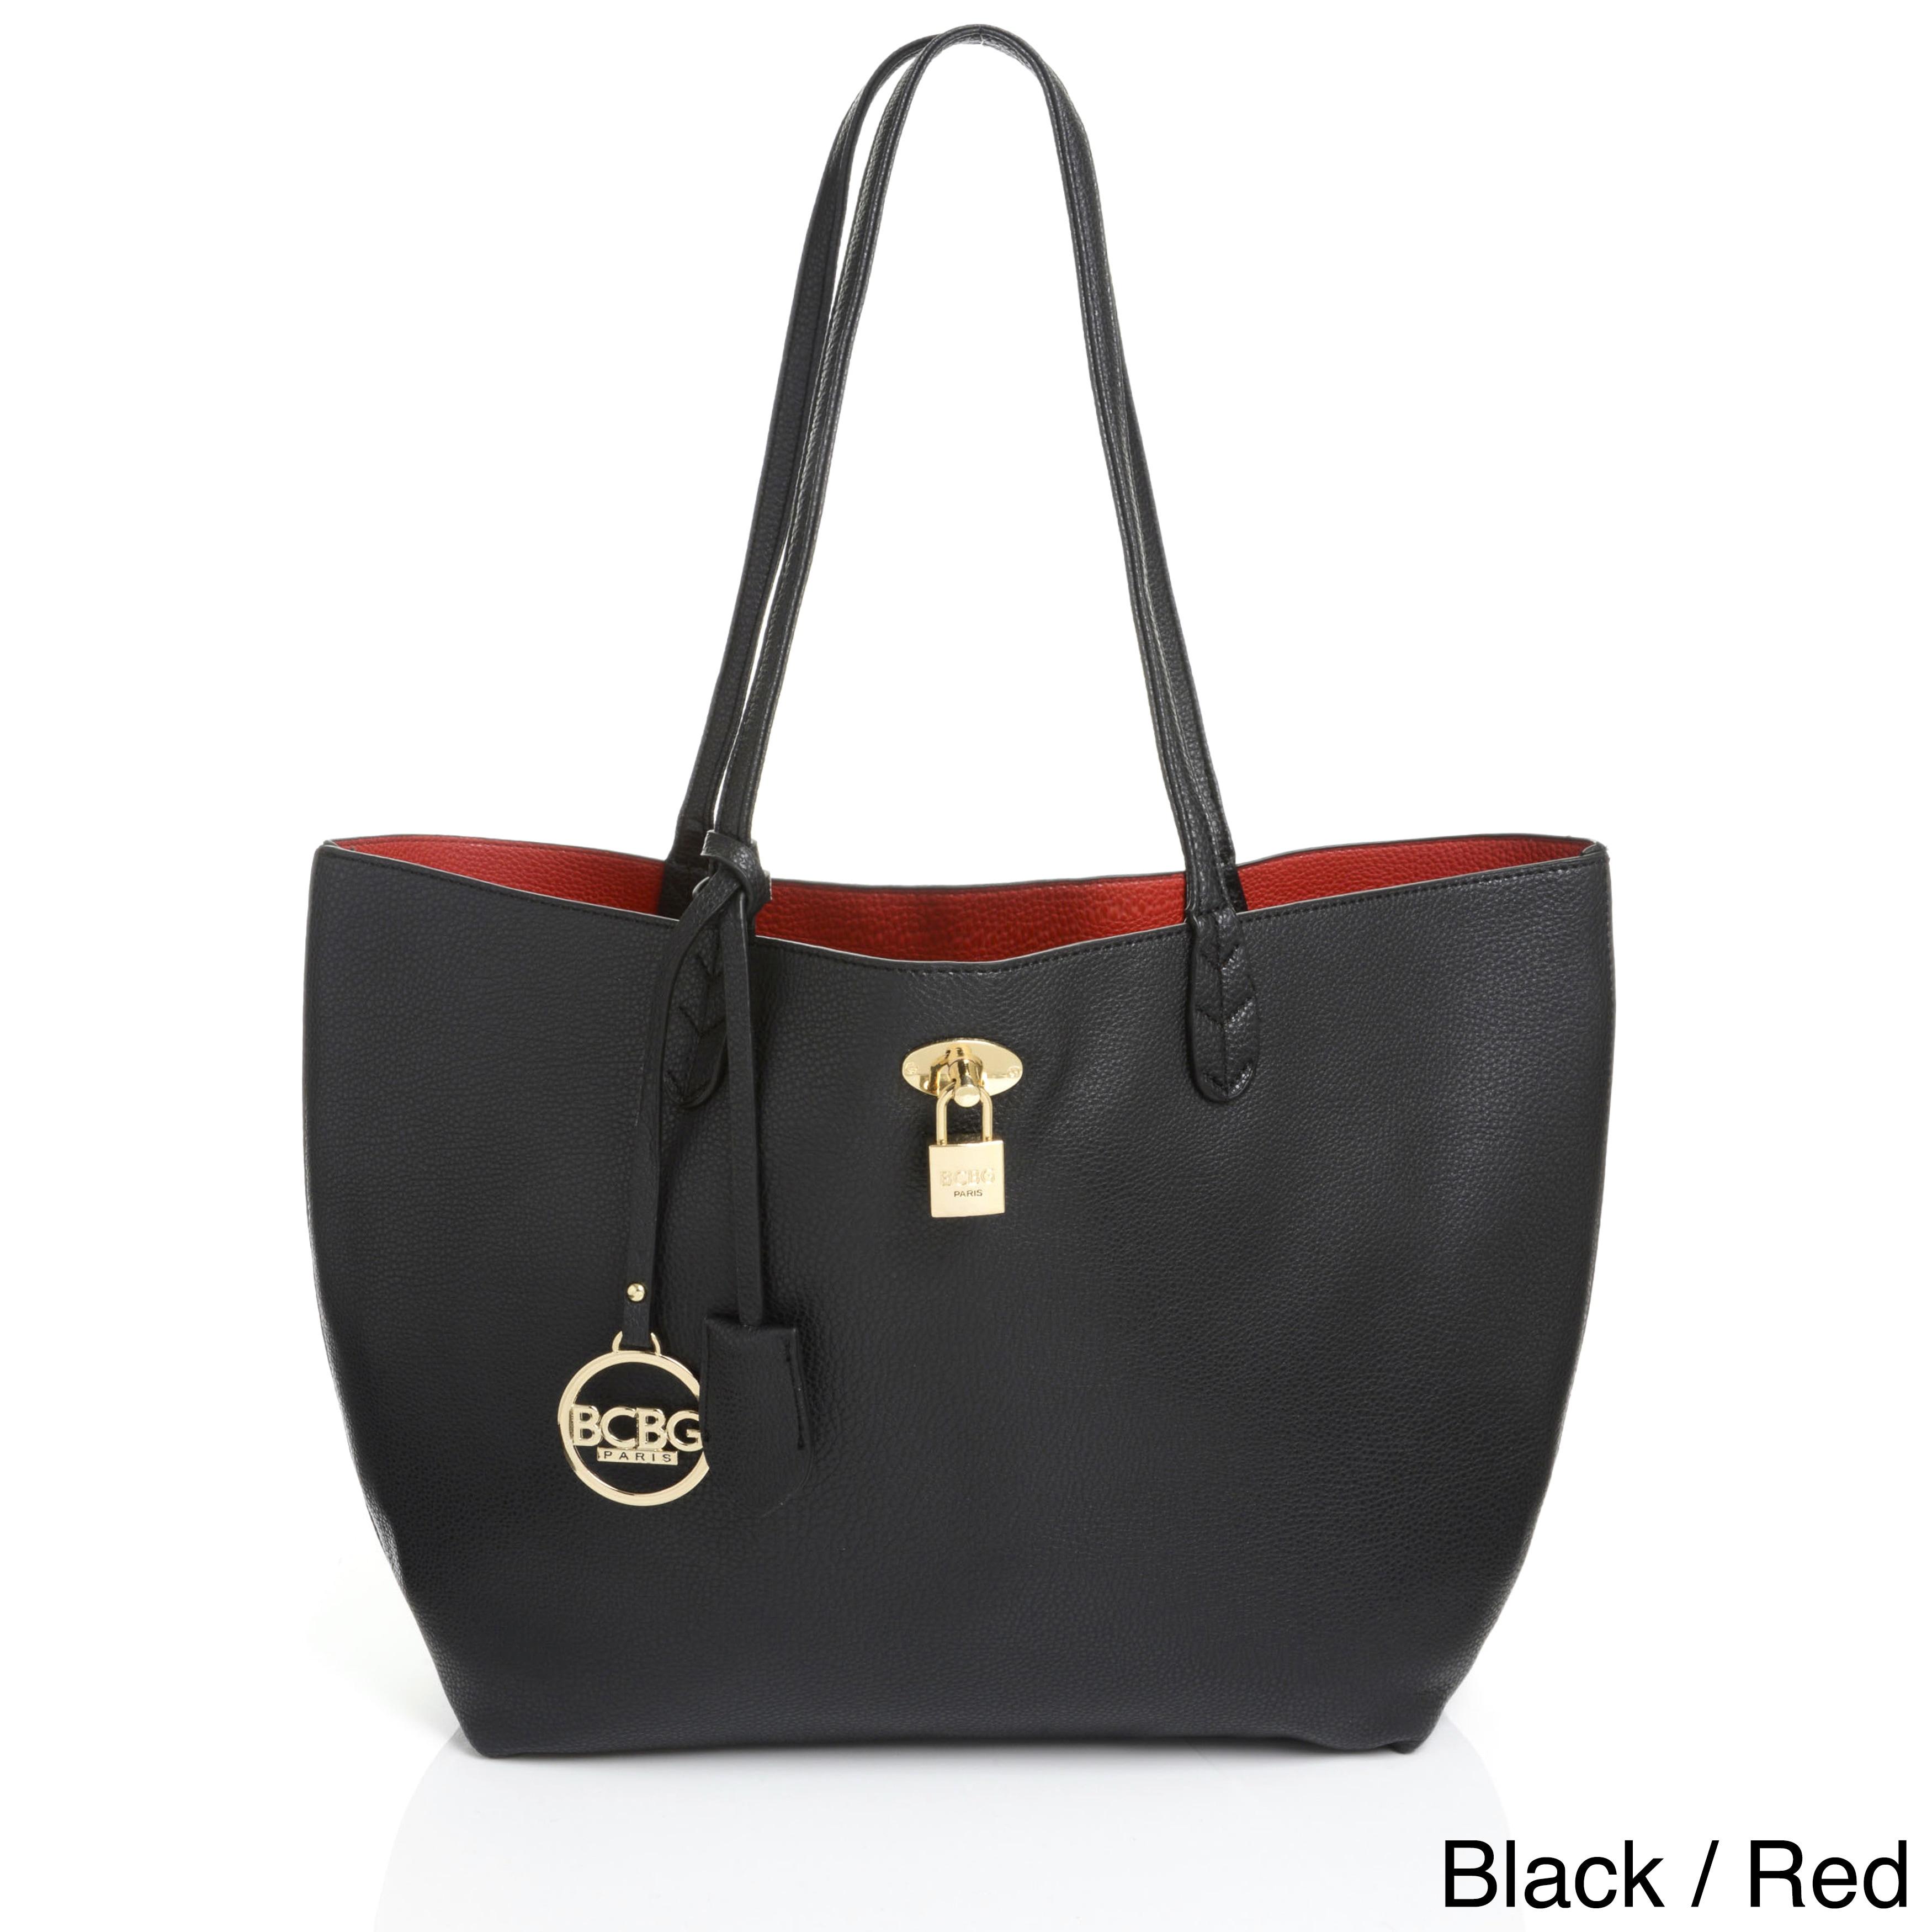 Bcbg Paris Reversible Lock Tote Bag Free Shipping Today 11878552